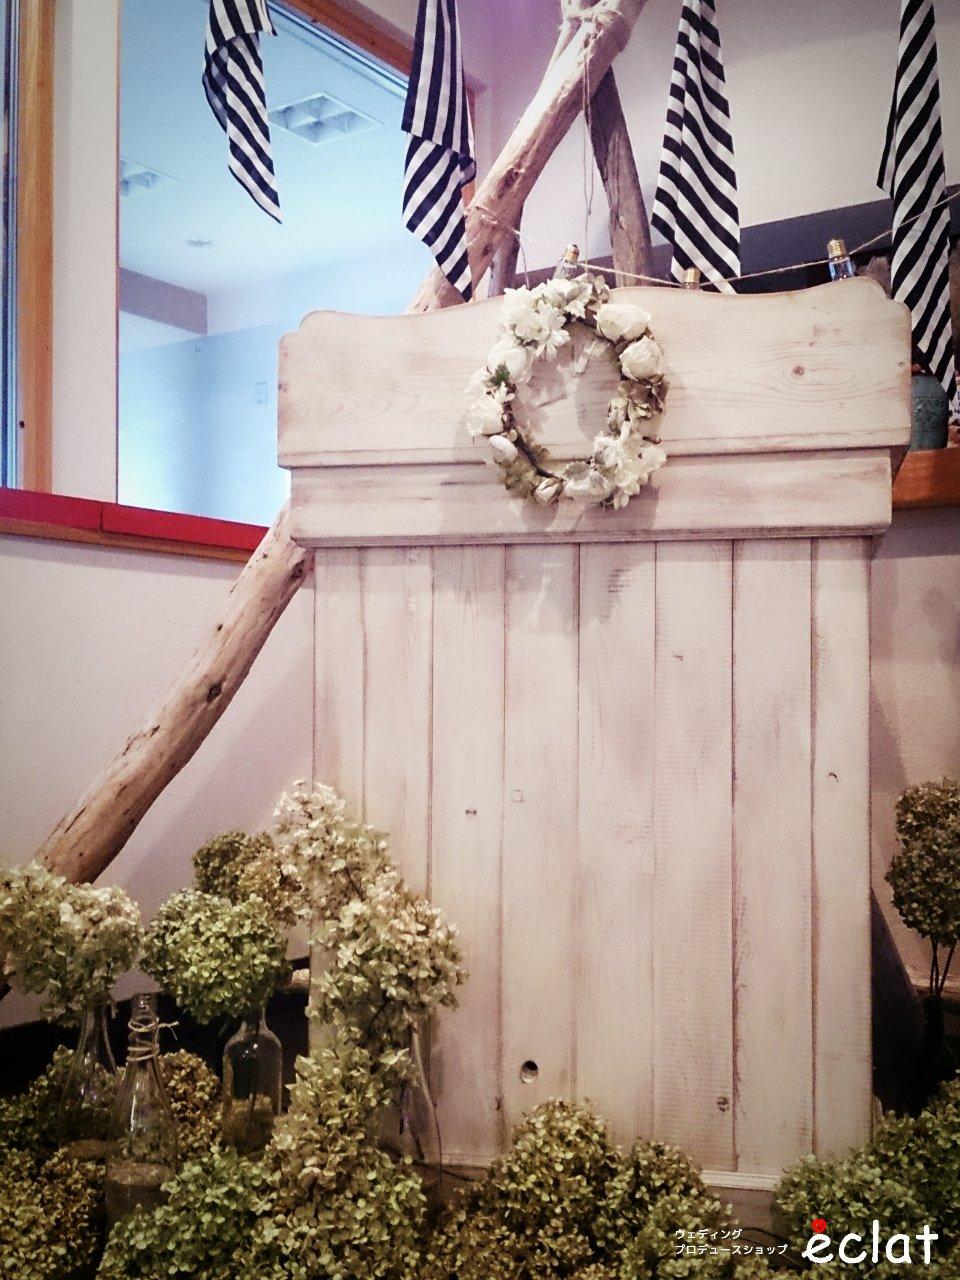 水戸 結婚式 飾り付け ウエディングプロデュースショップ エクラ eclat